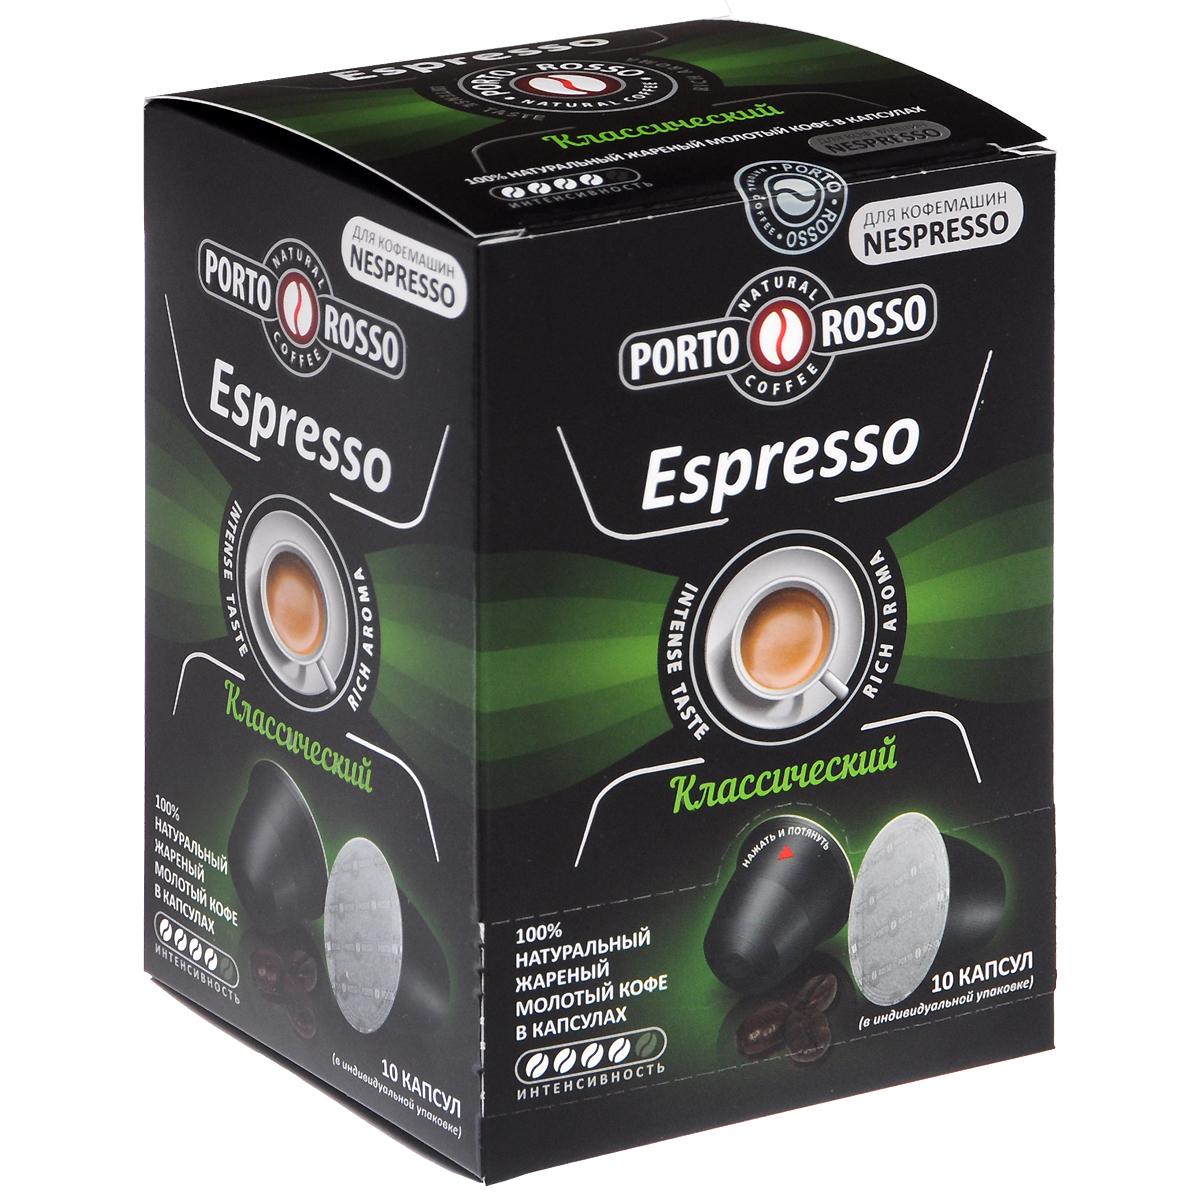 купить Porto Rosso Espresso кофейные капсулы по цене 216 рублей